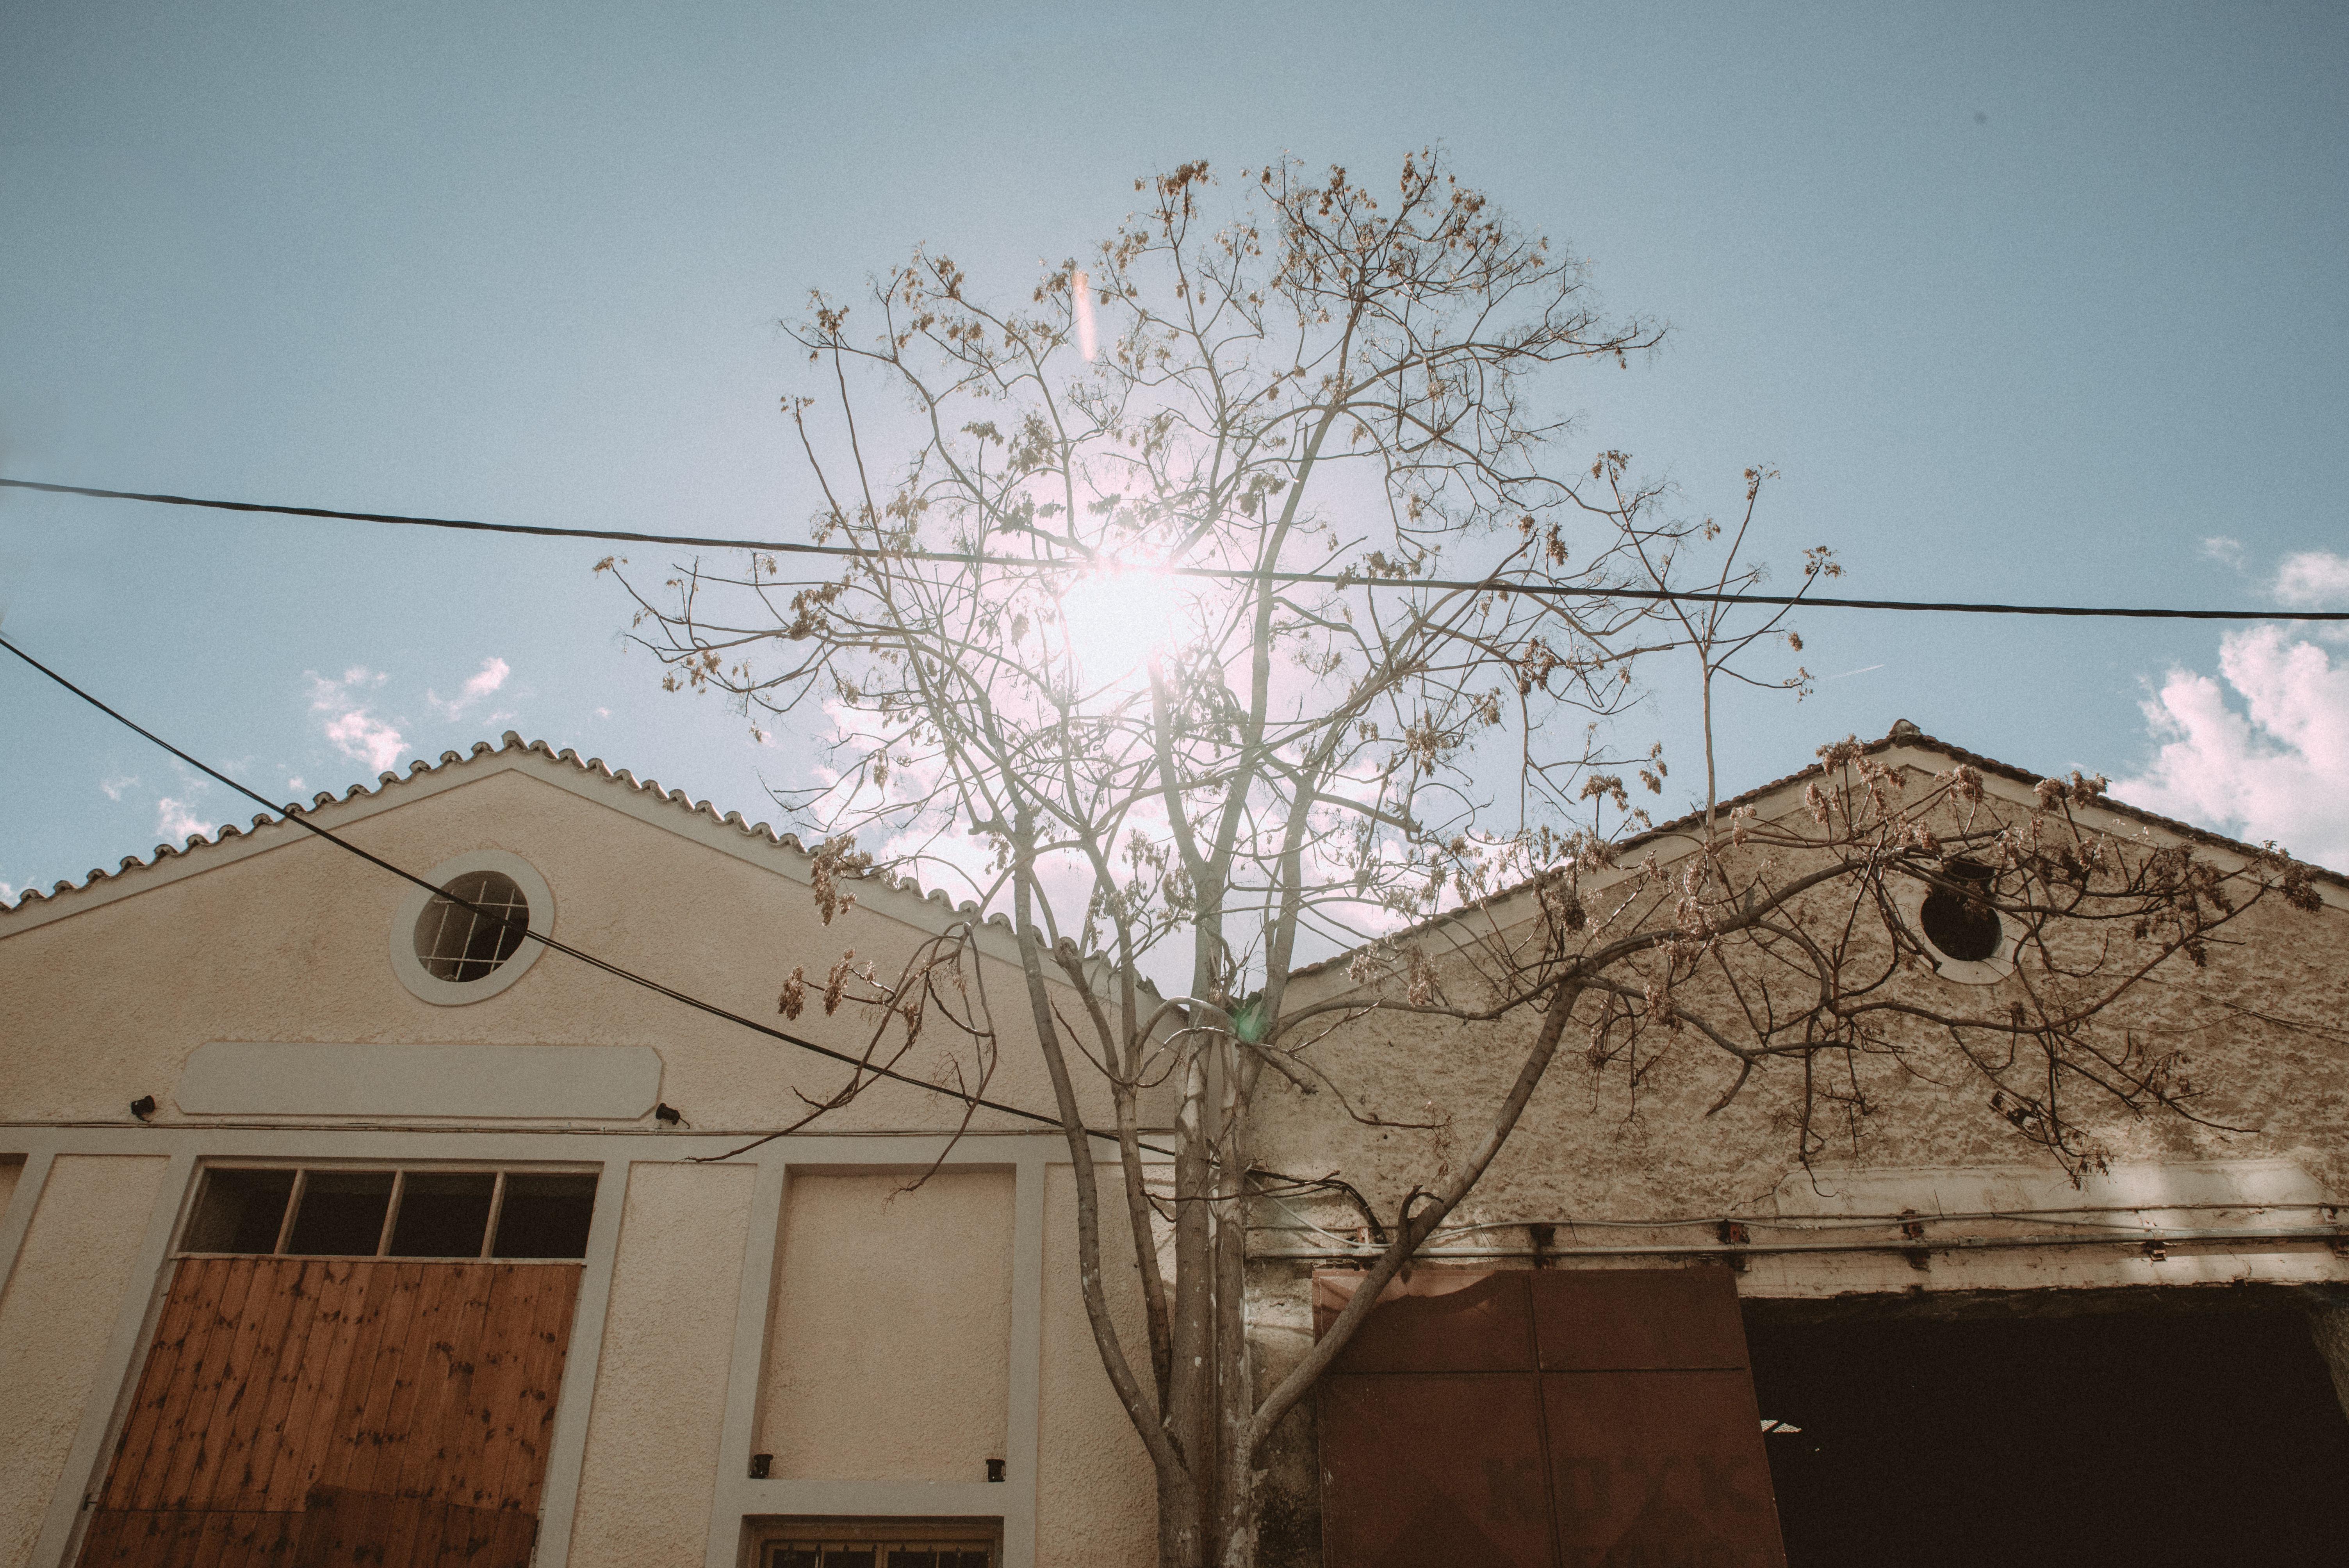 Όλα όσα θέλατε να μάθετε για την Αθηναϊκή αρχιτεκτονική: 31 Μαρτίου & 1 Απριλίου το Open House Athens